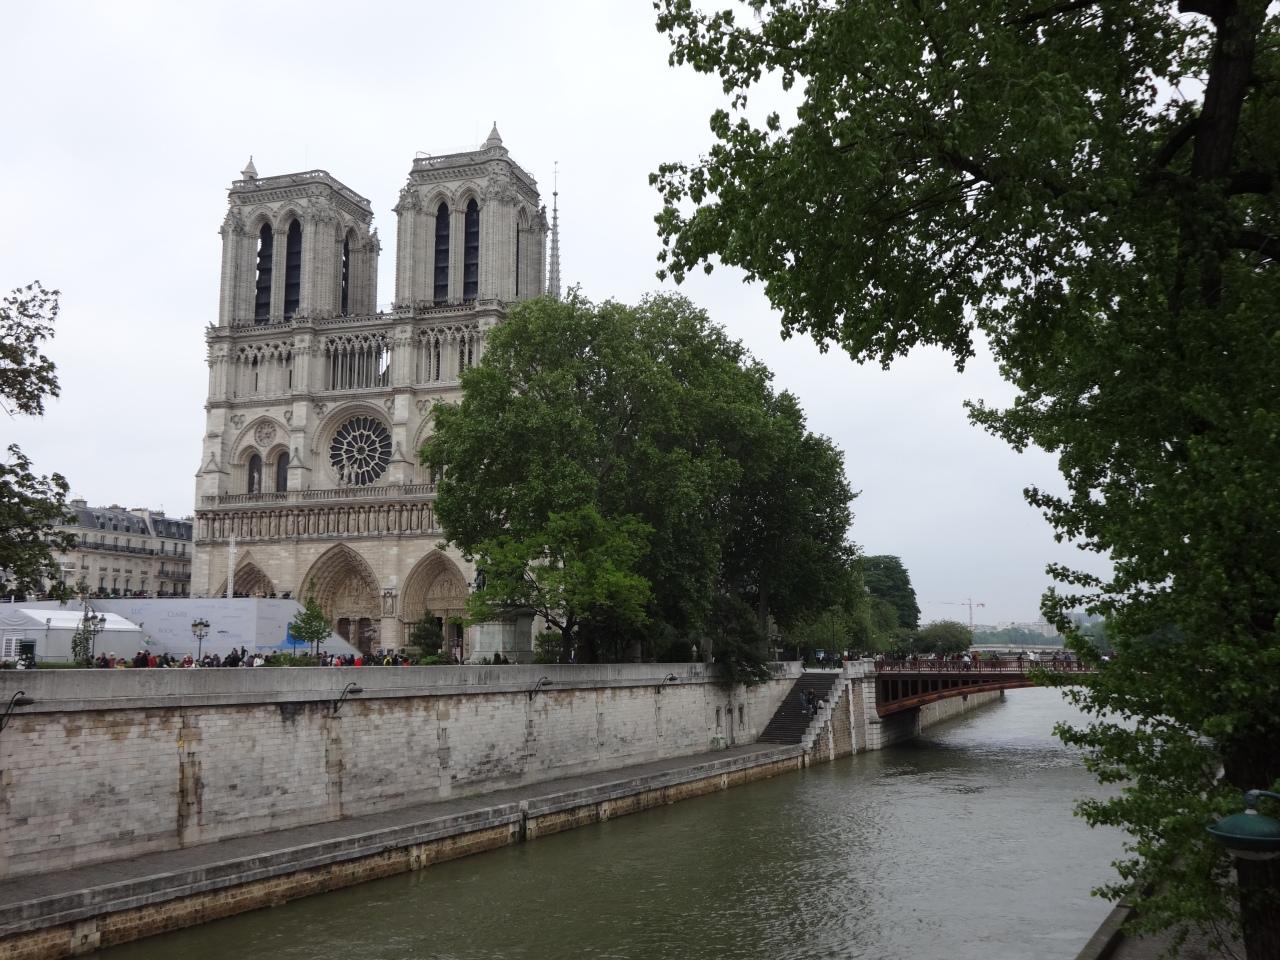 City Scenes: Paris